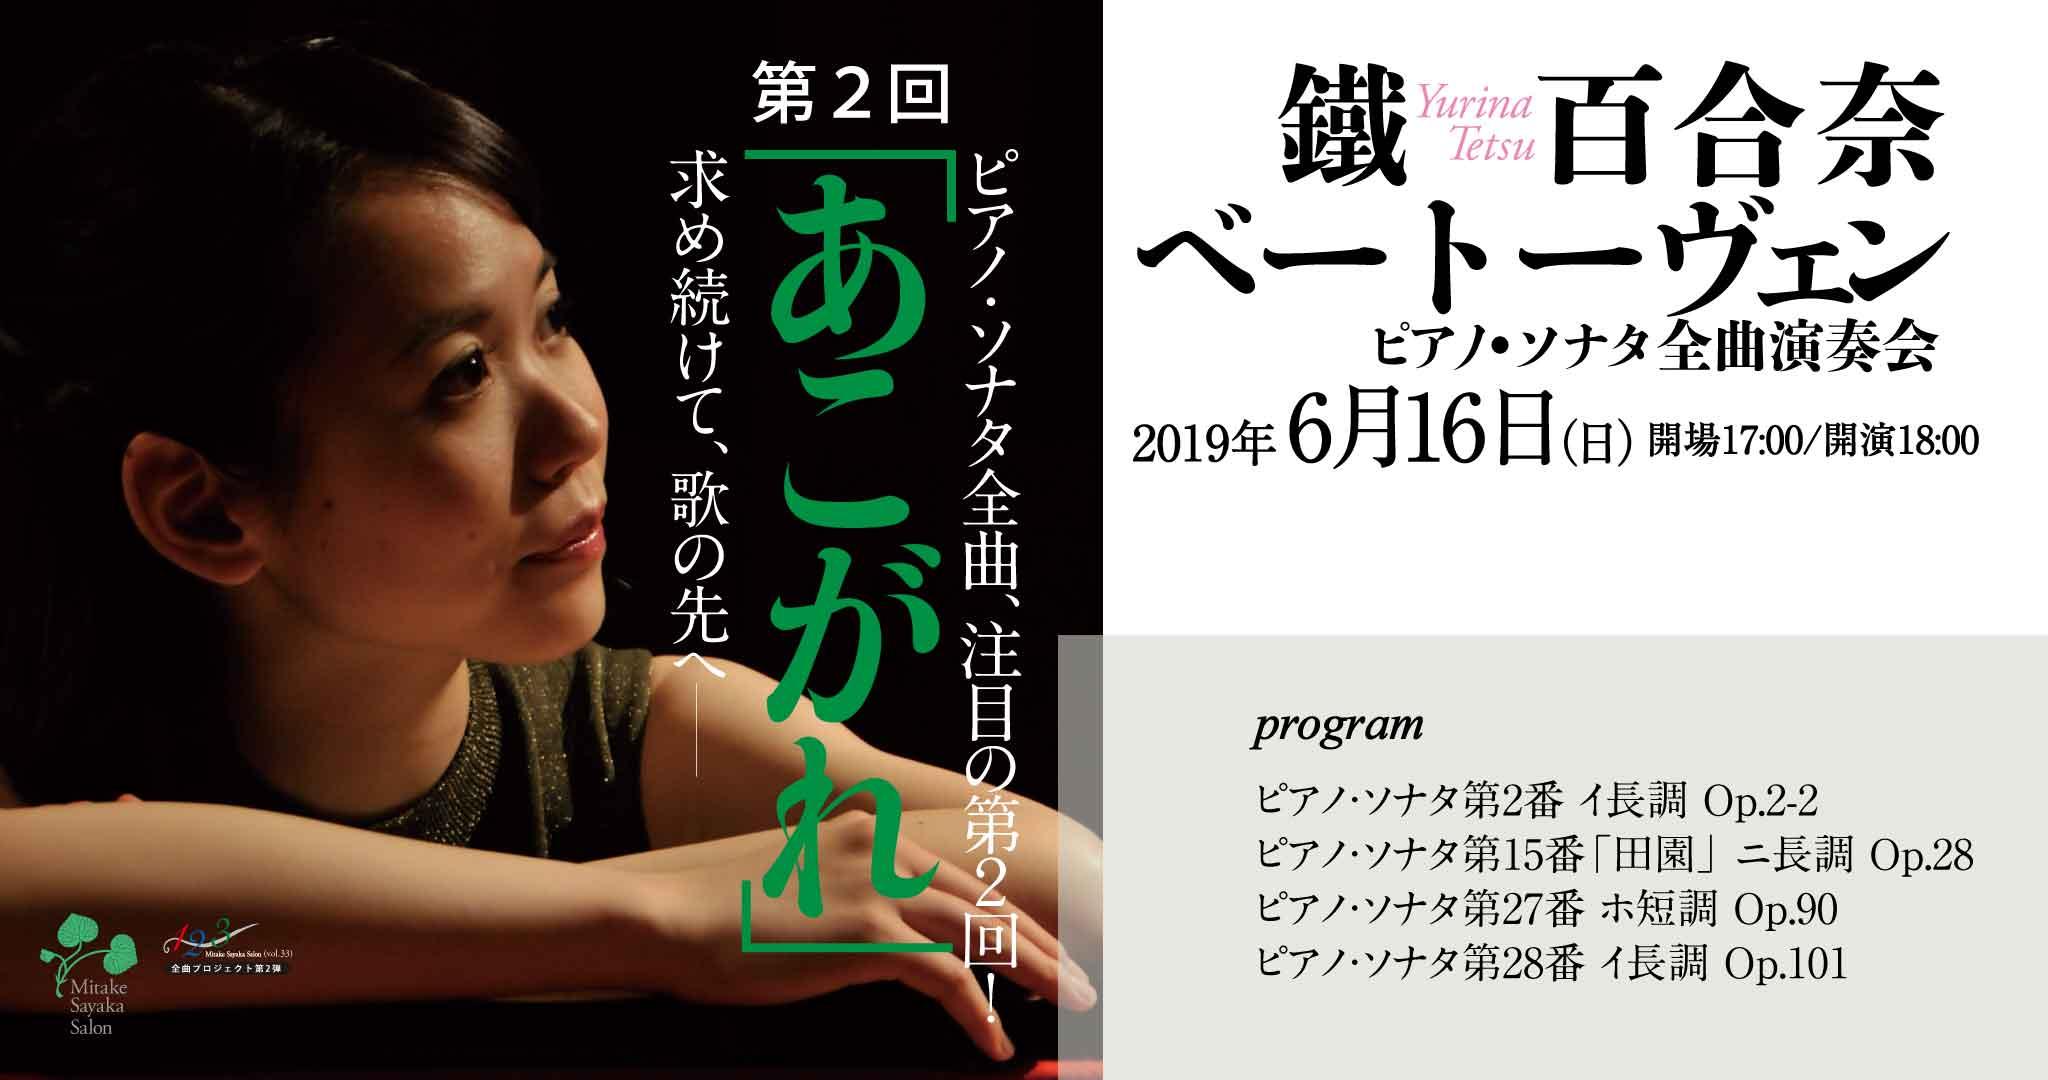 【完売】鐵百合奈ベートーヴェン ピアノ・ソナタ全曲演奏会<第2回>「あこがれ」